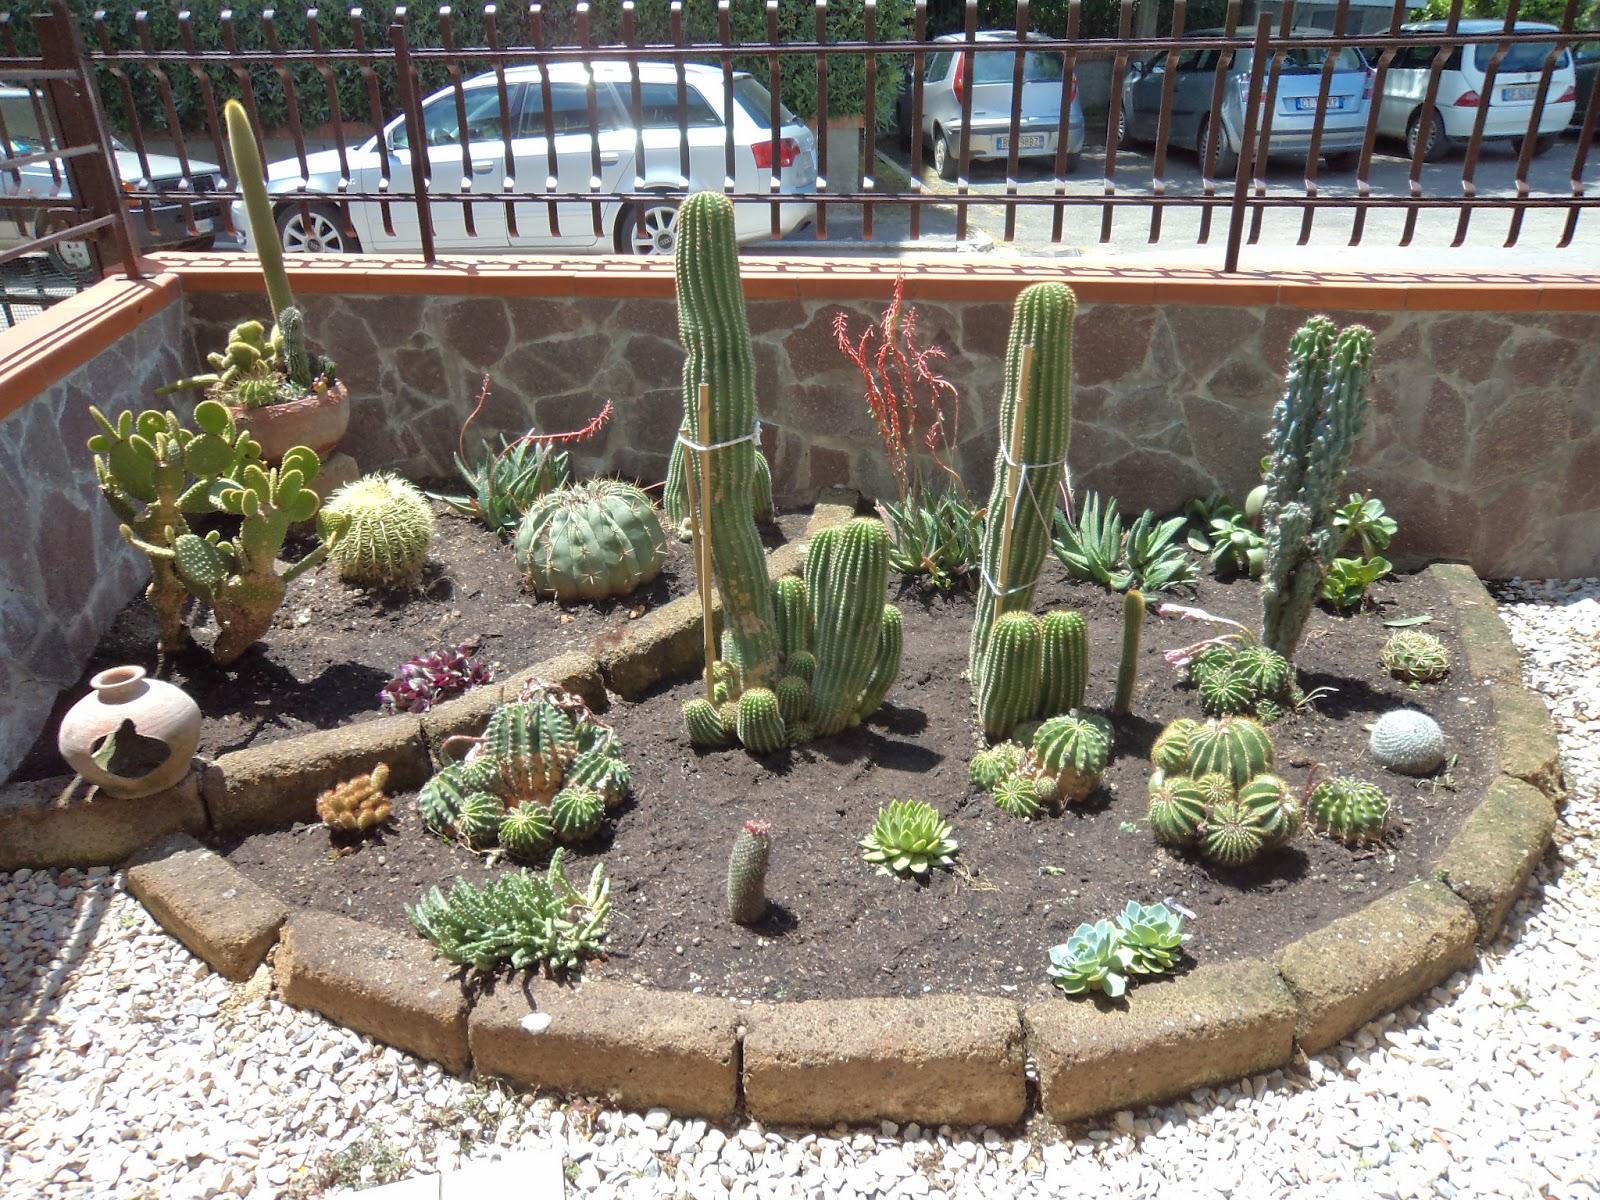 I giardini di carlo e letizia giardino di piante grasse for Abbellire giardino